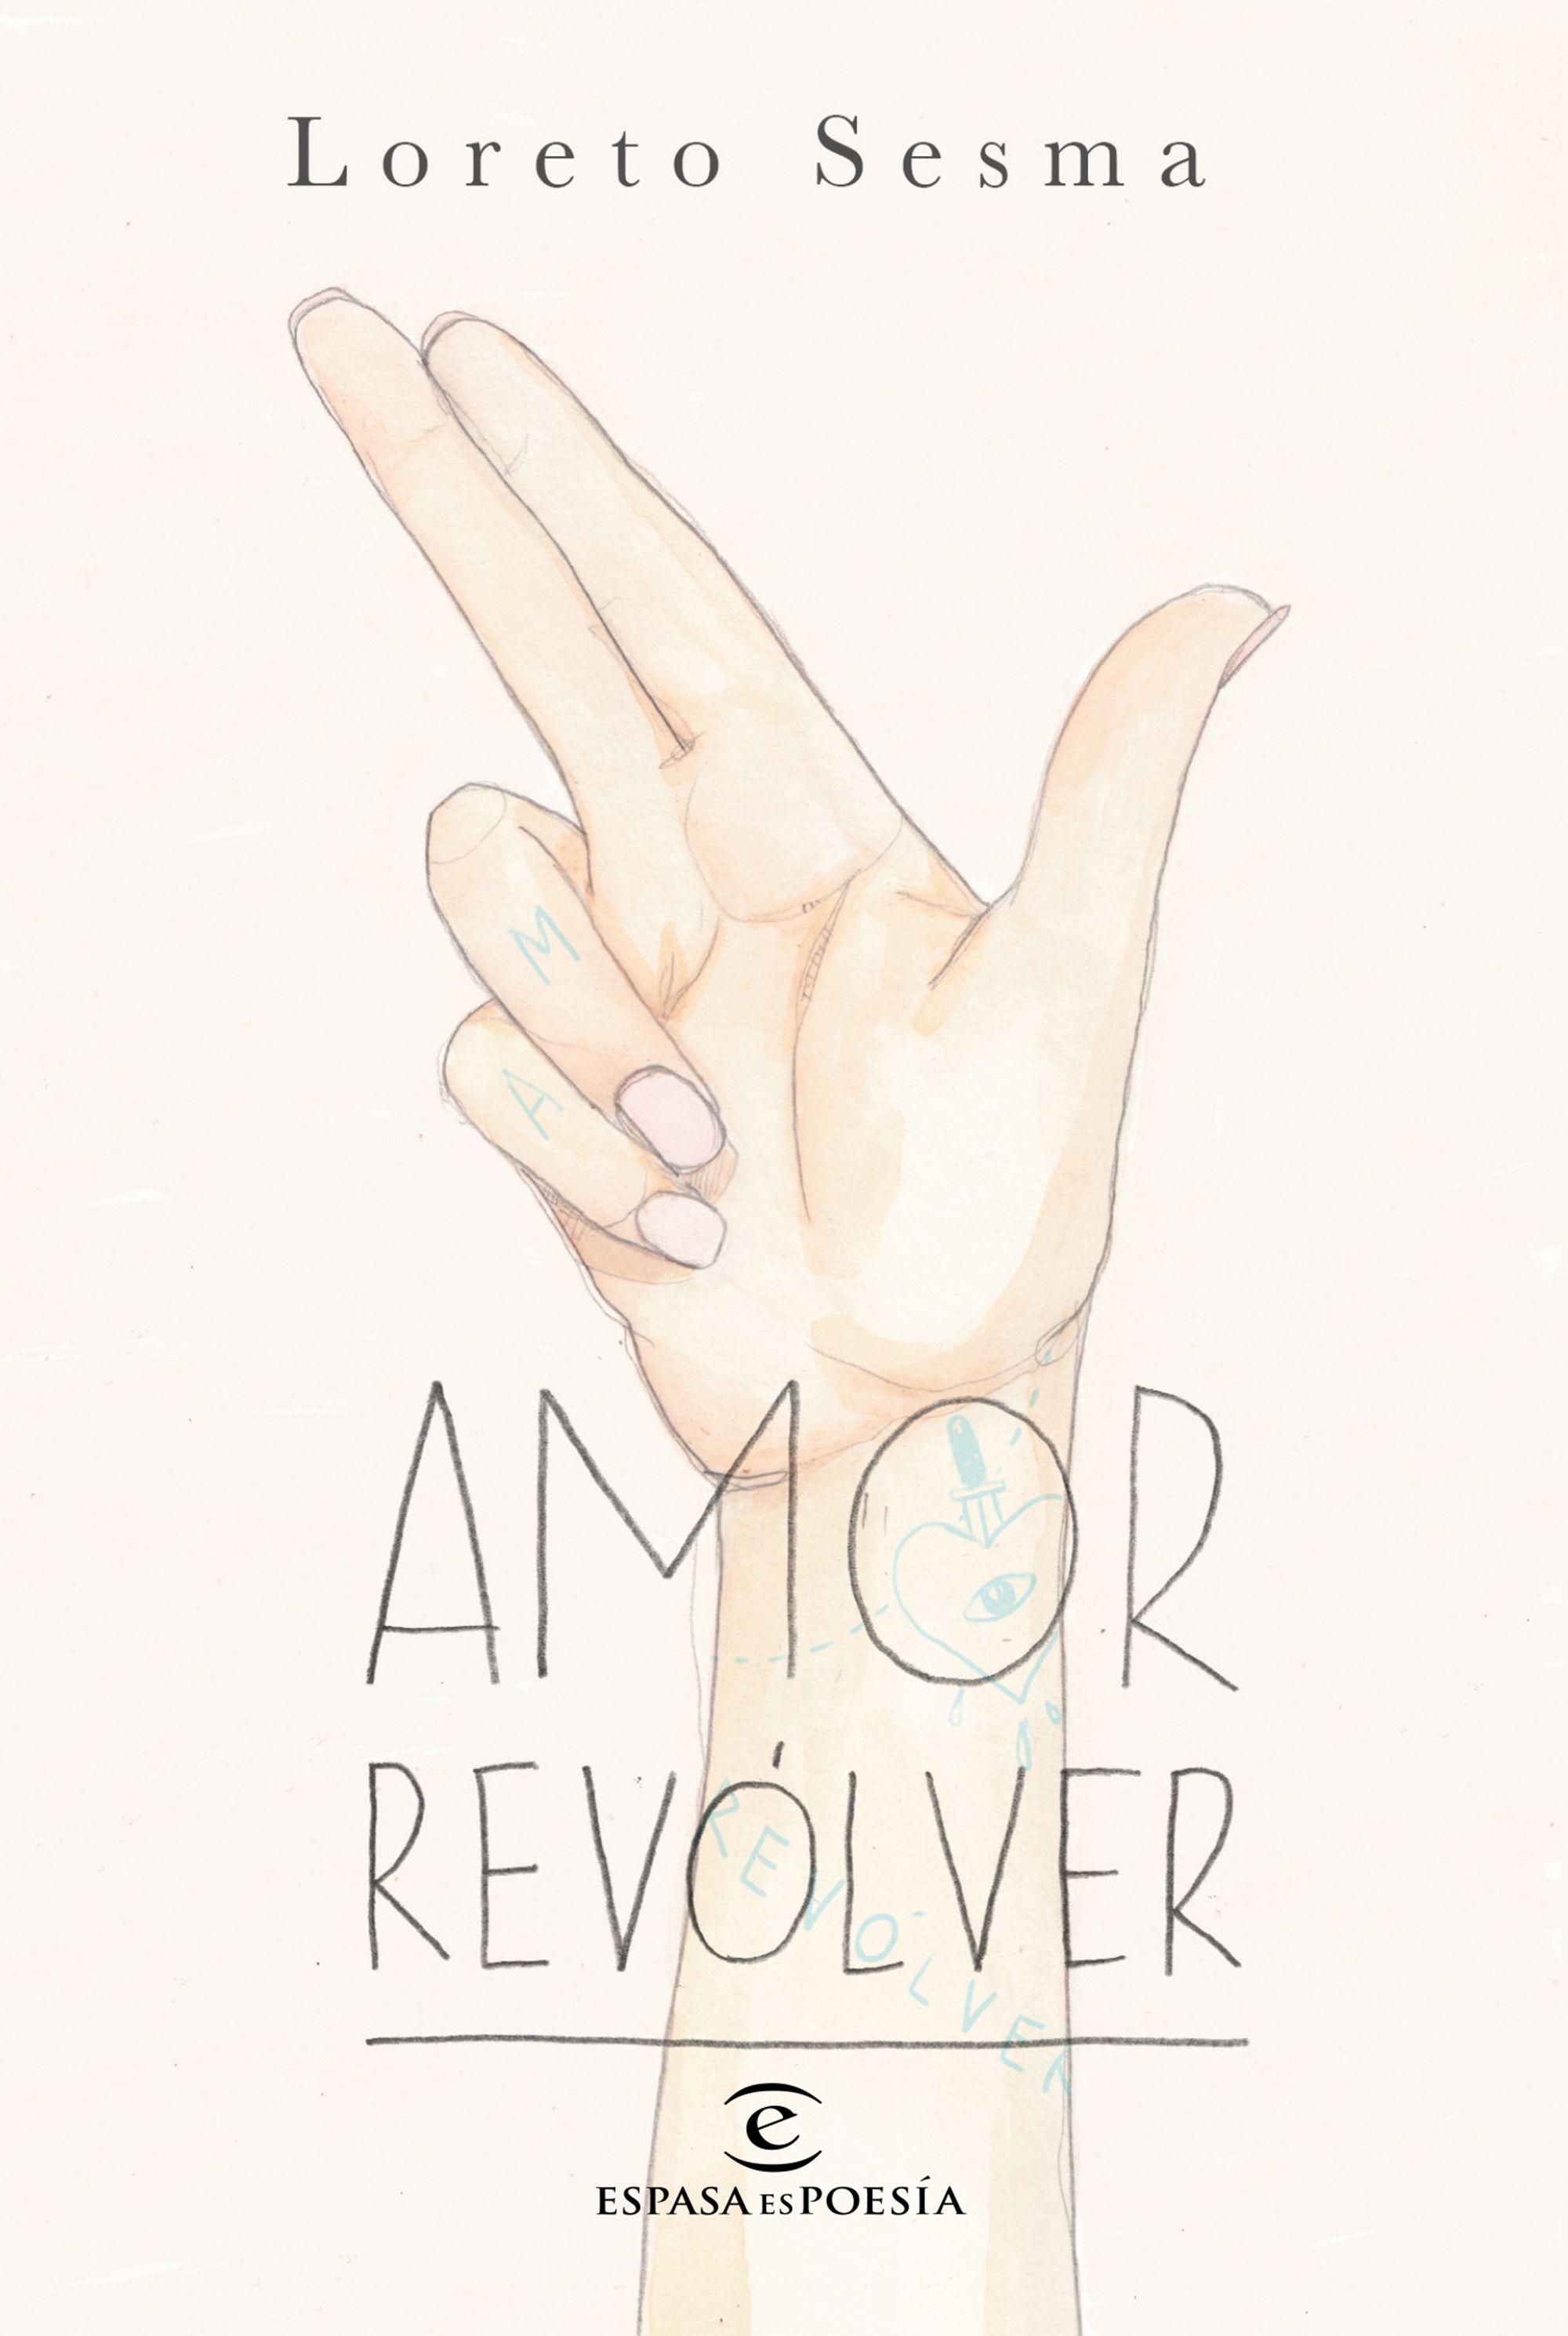 amor revolver-loreto sesma-9788467048988